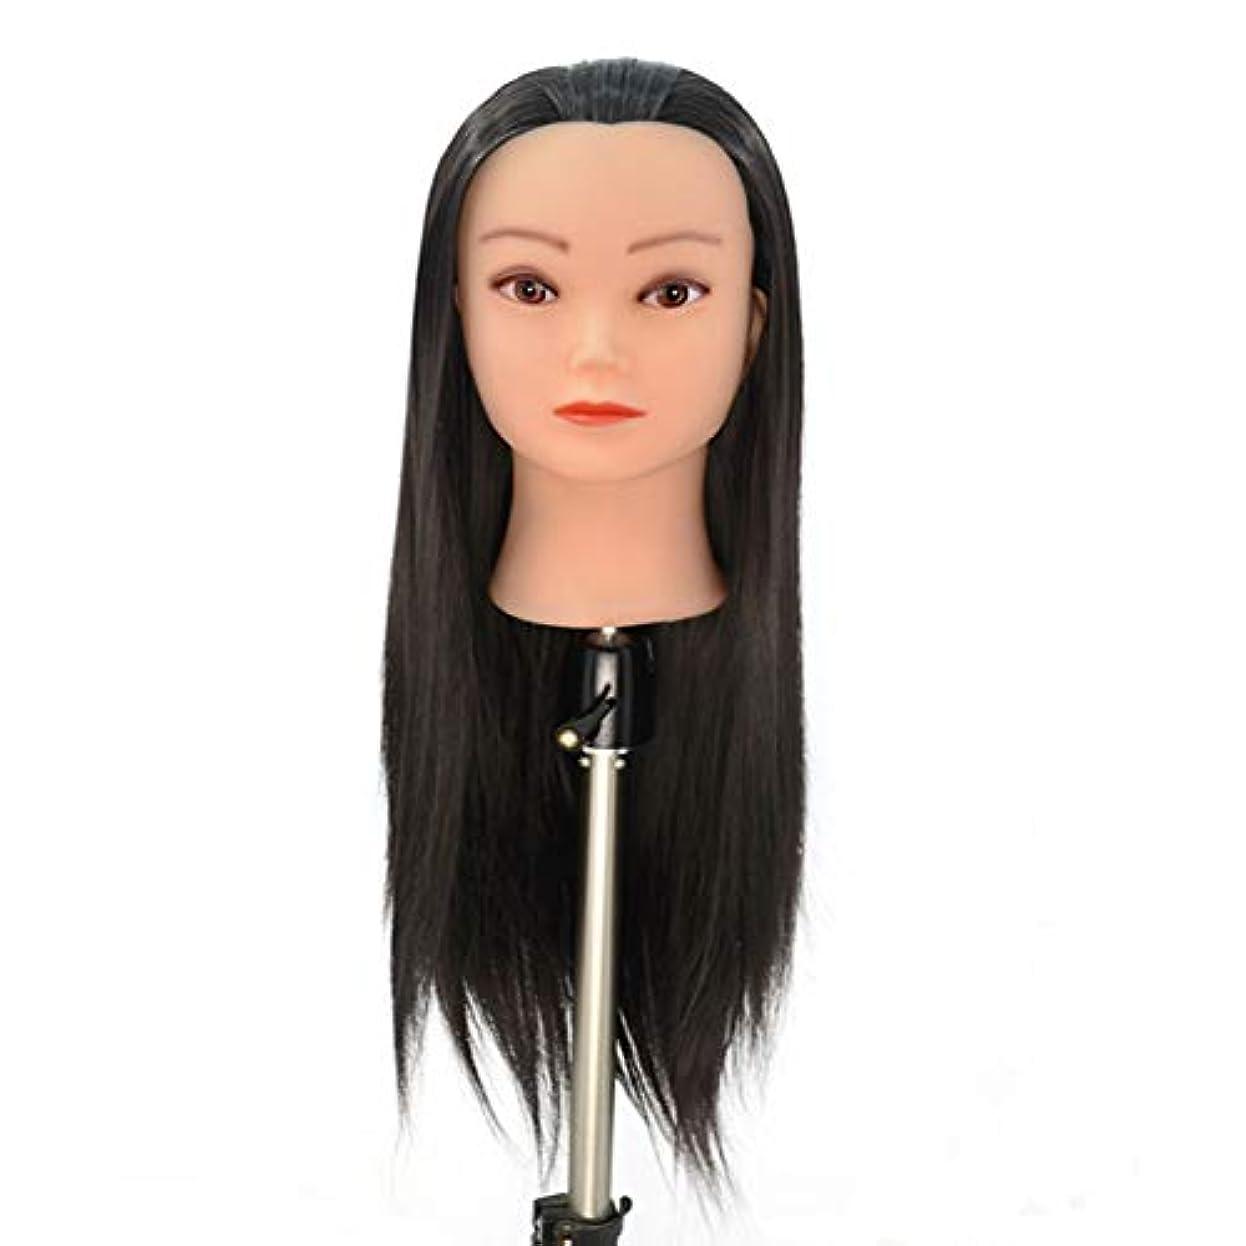 いらいらさせる予約便宜は、花嫁の髪編組ひも学習ヘッドモデル理髪モデルヘッド理髪サロン散髪ダミー練習ヘッド